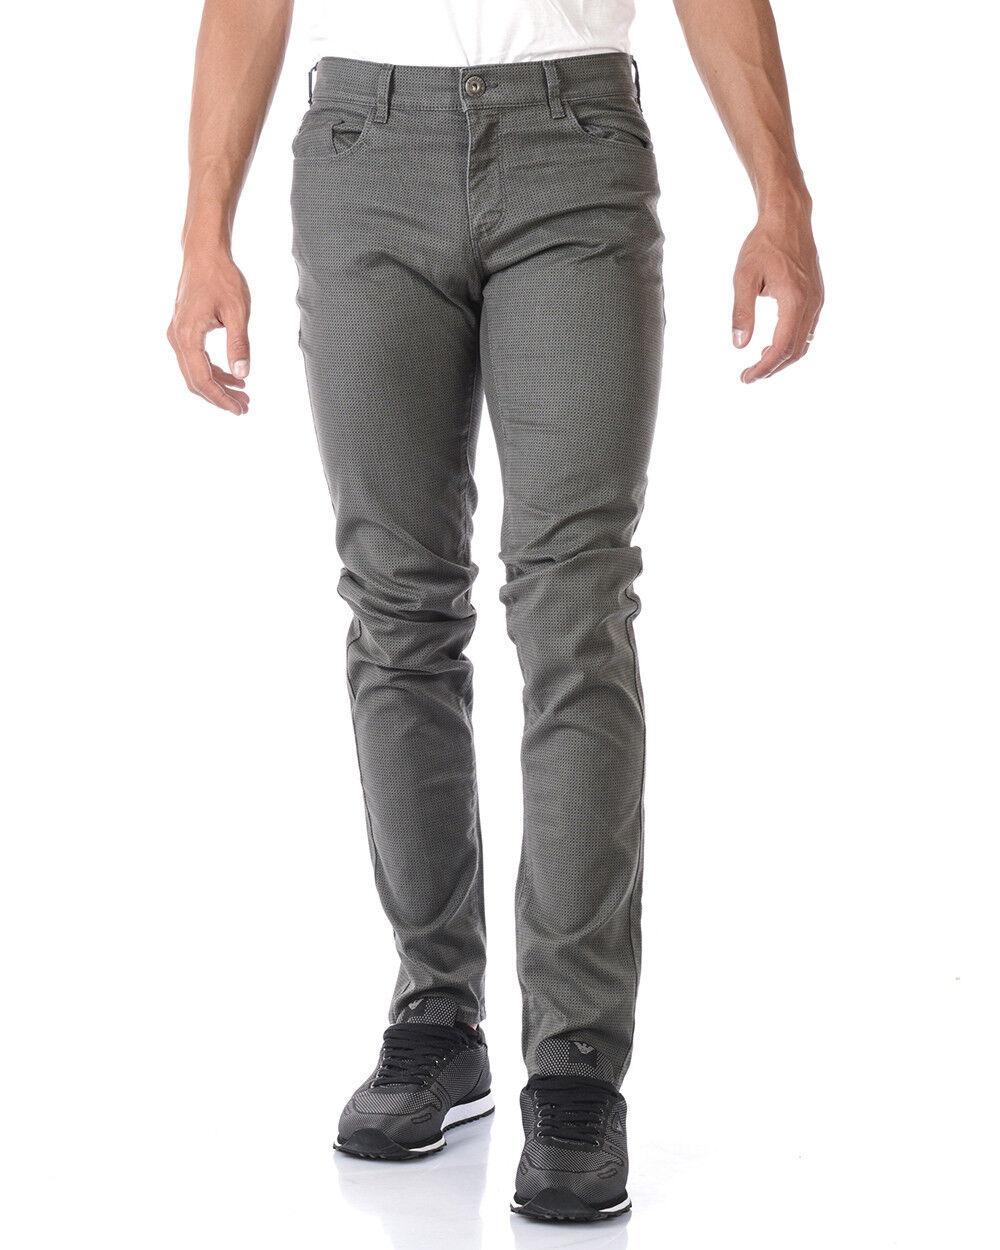 Trussardi Jeans Jeans Cotton Man Grey 52J000071T000063 E280